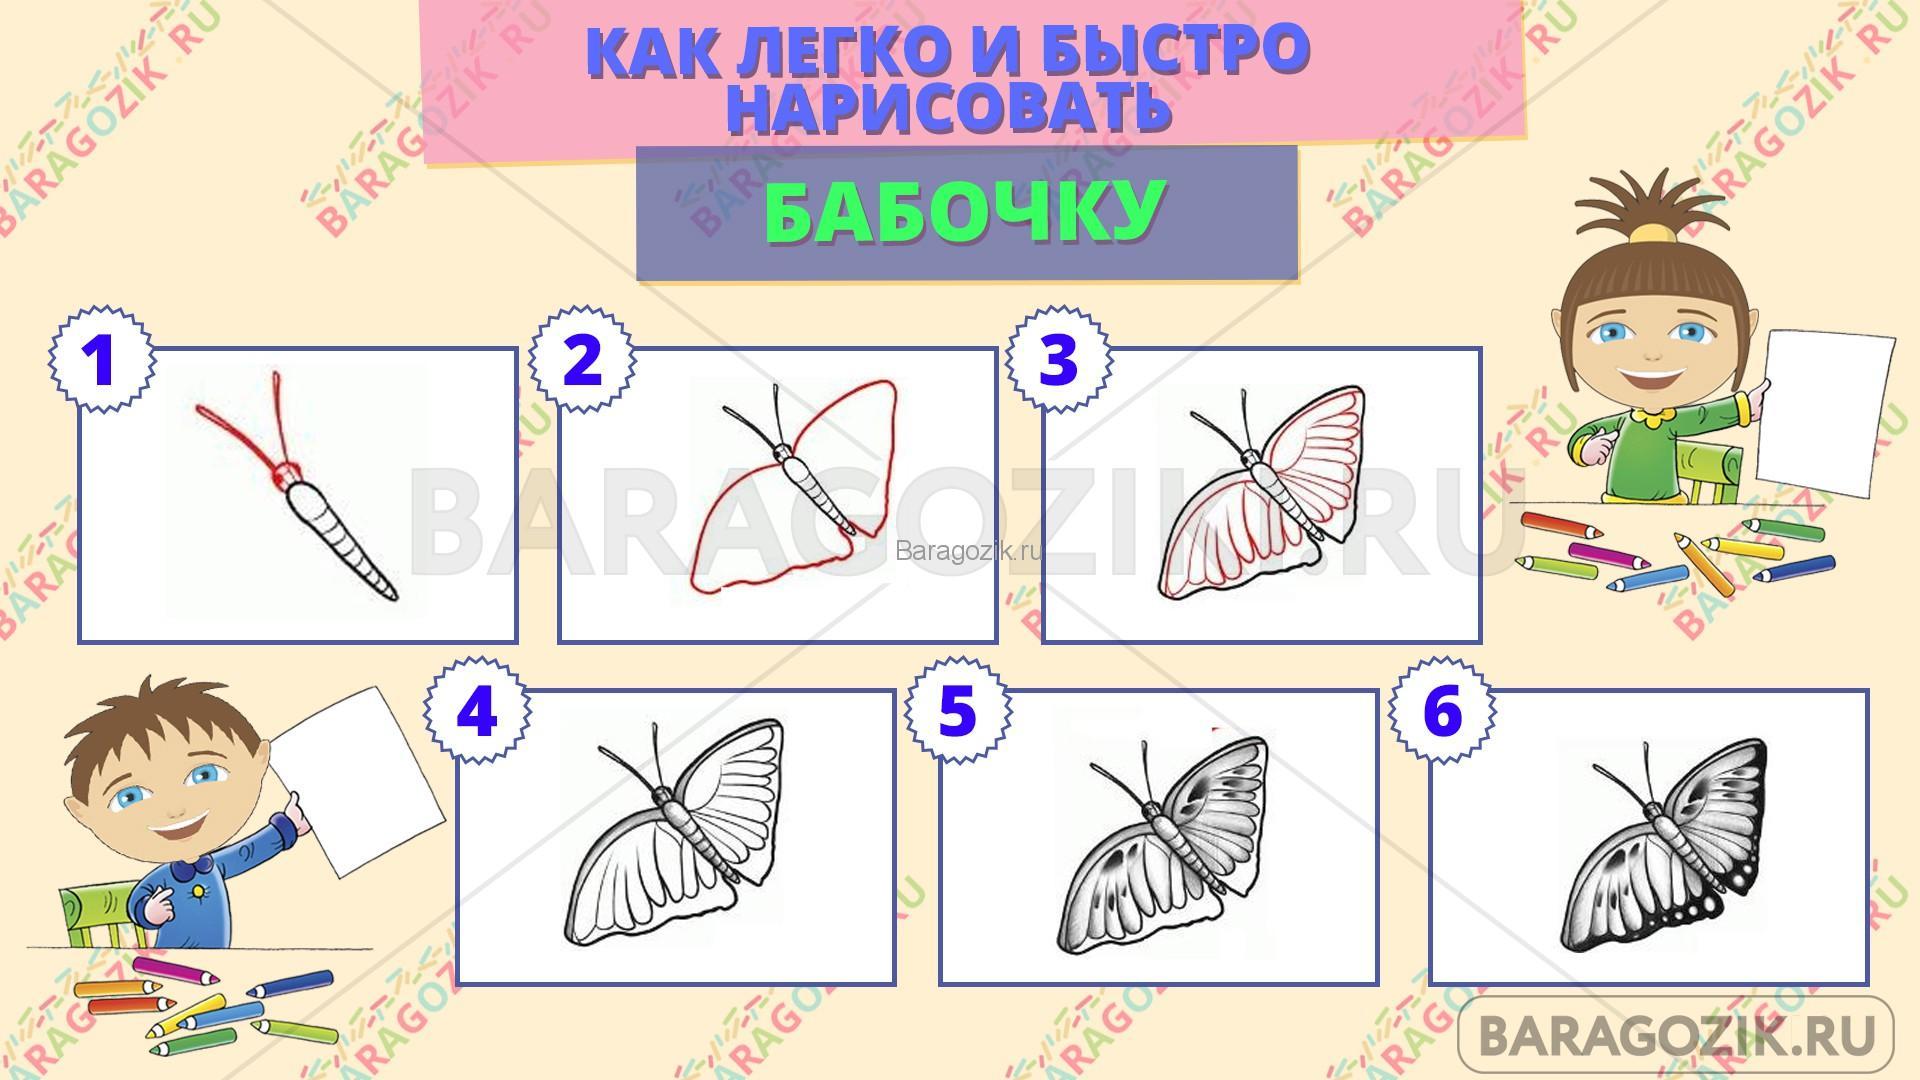 как легко нарисовать бабочку - пошаговая схема